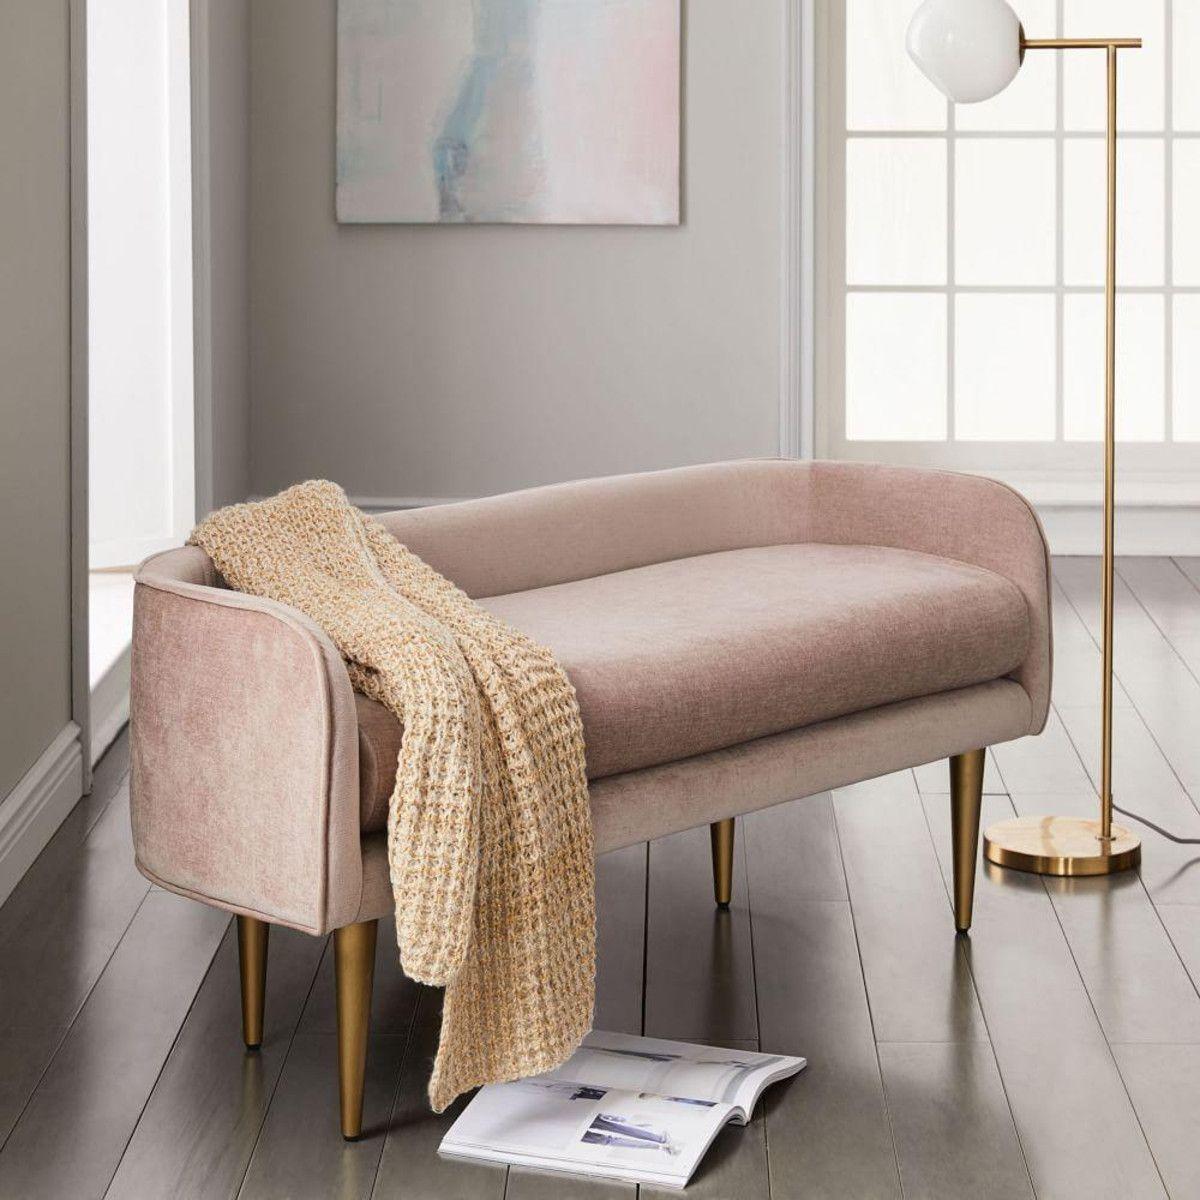 Celine bench furniture pink living room small room design